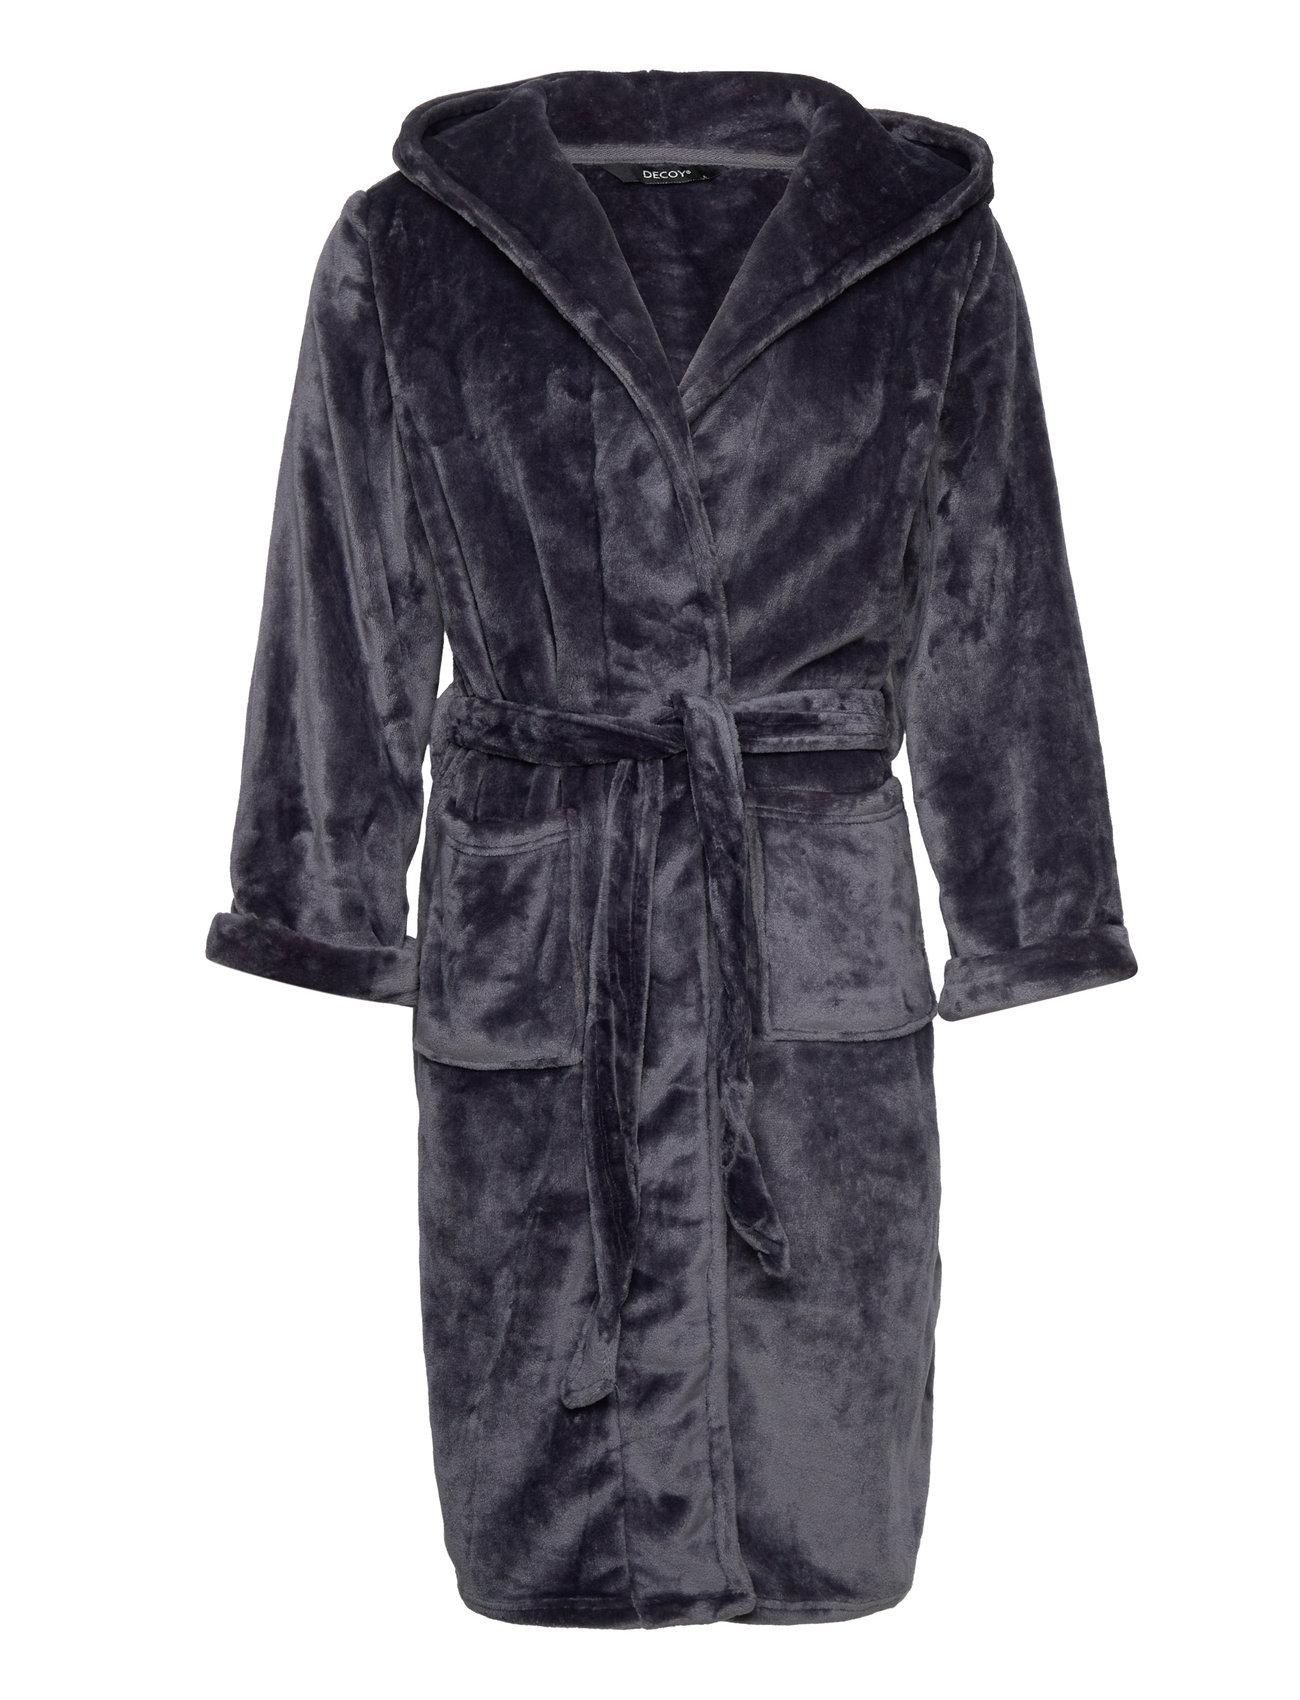 Decoy Long Robe W/Hood Morgenkåbe Blå Decoy